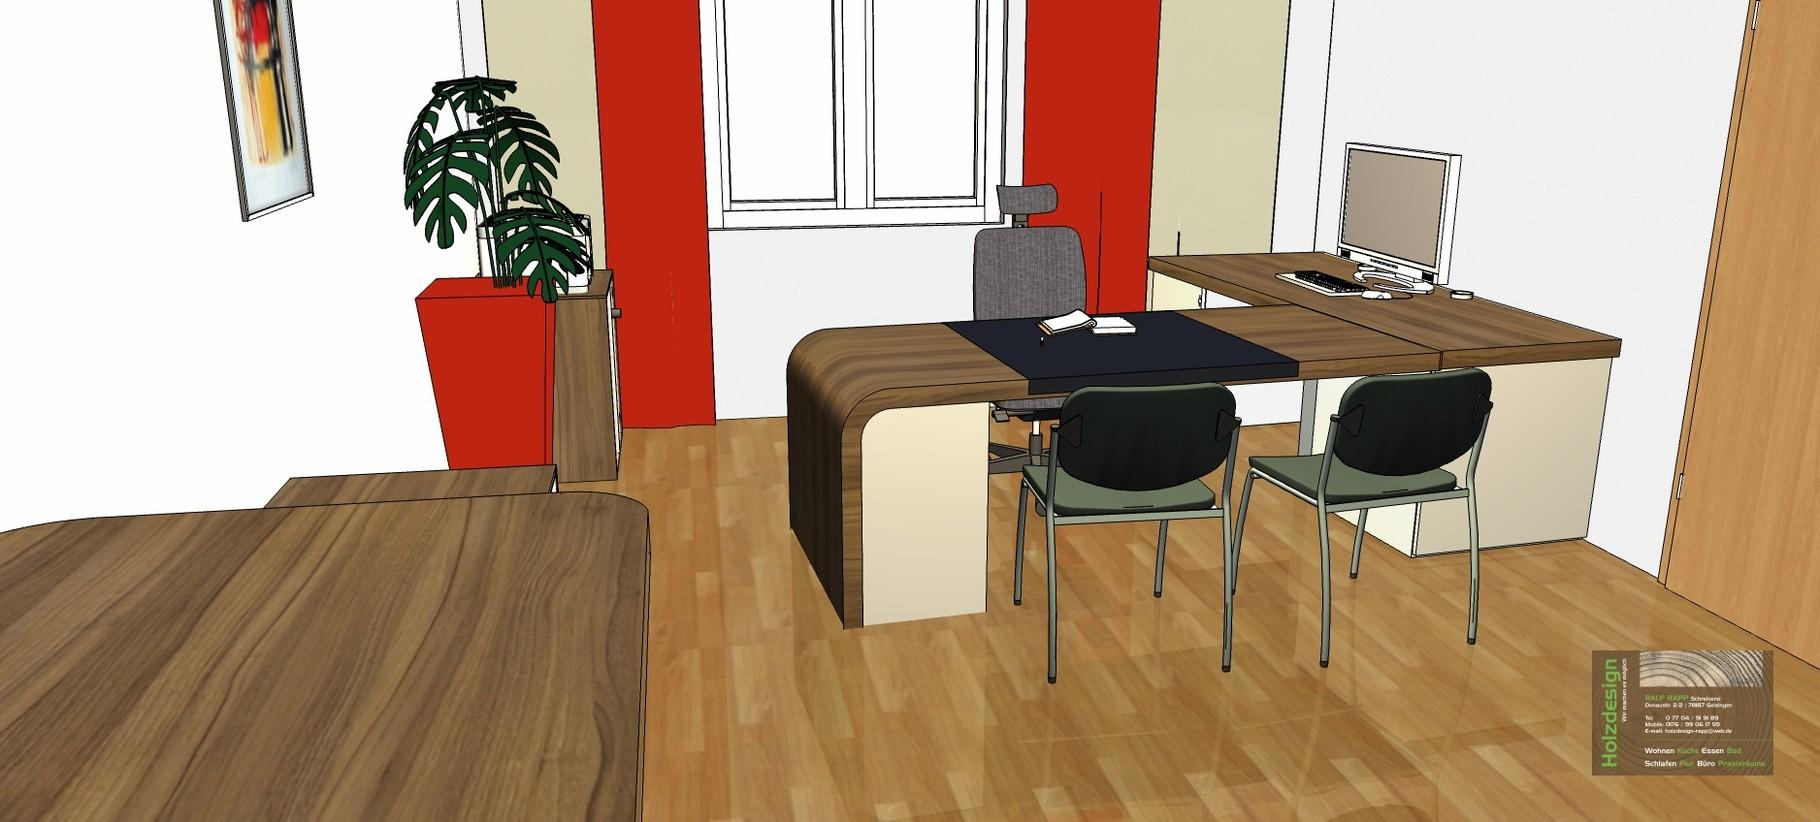 Planung Büroeinrichtung Abbildung Schreibtisch